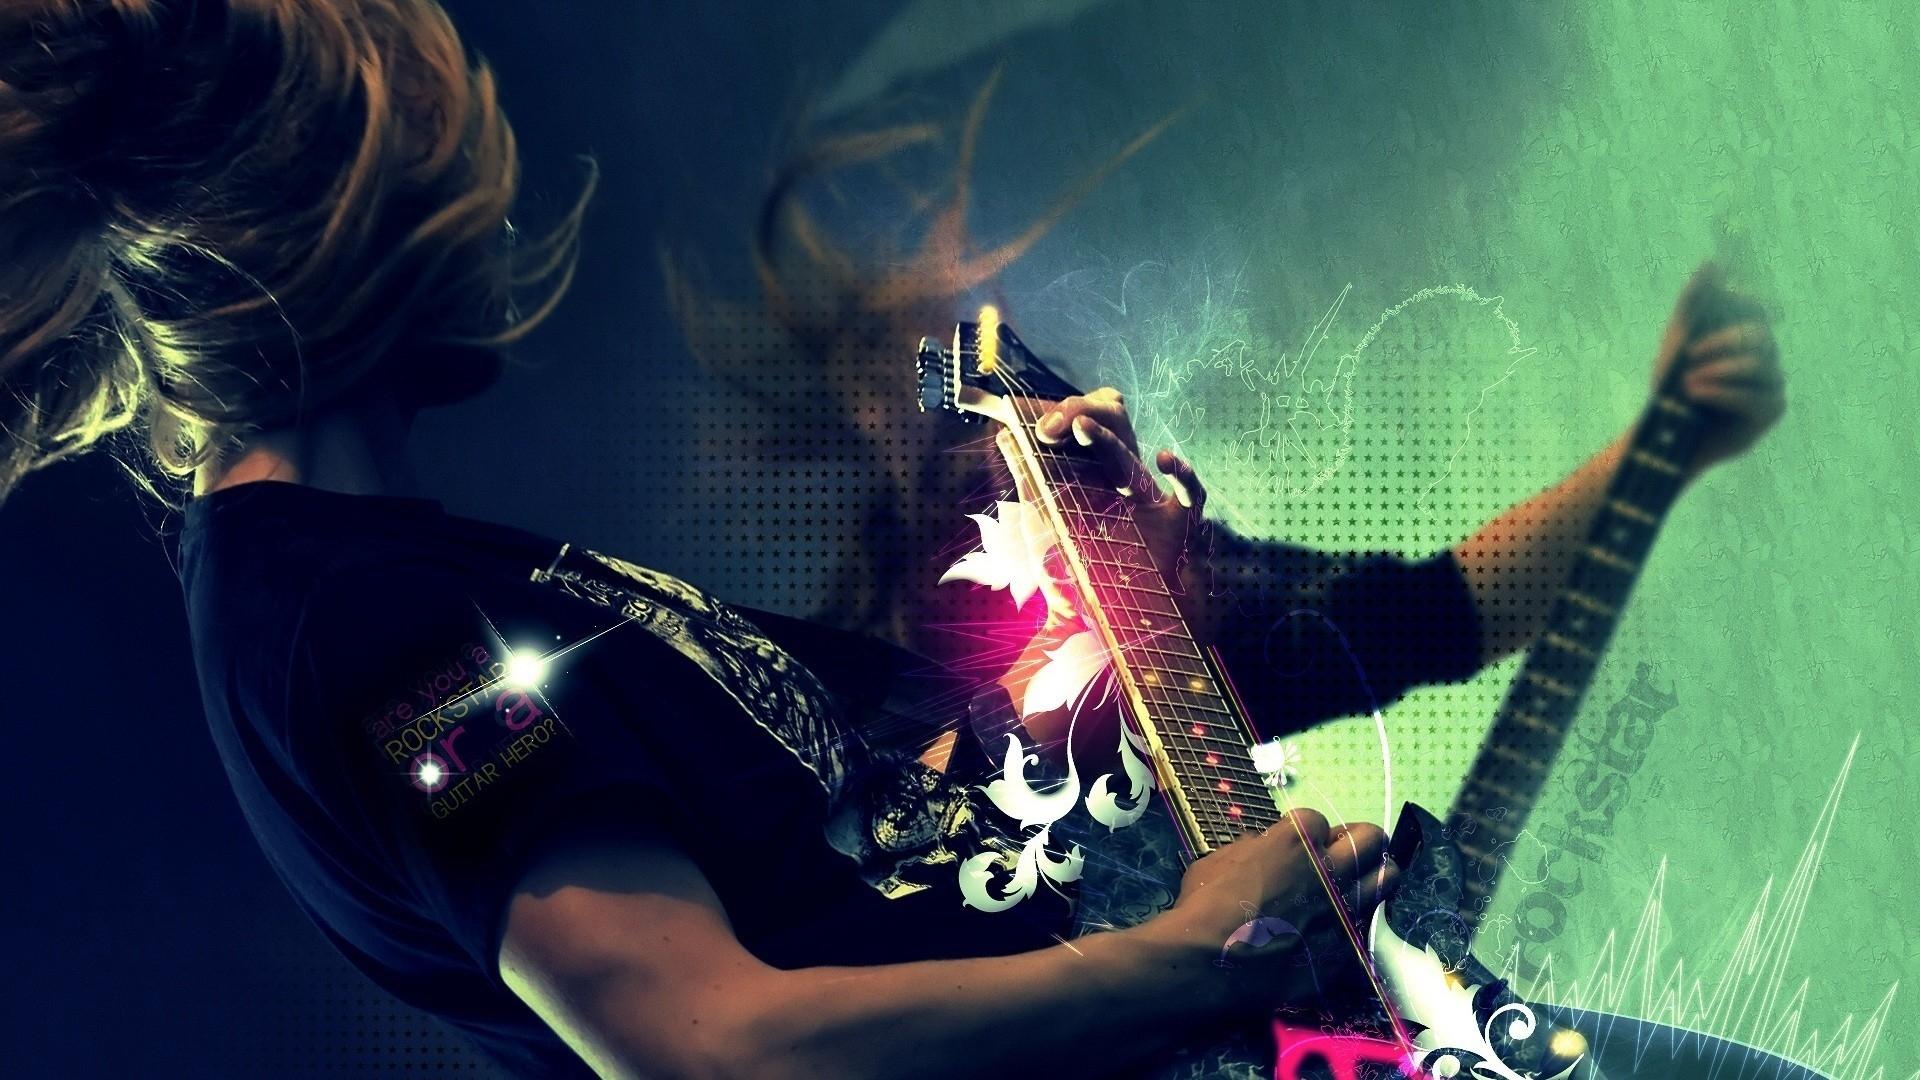 Обои Гитара, Человек, музыка. Музыка foto 17